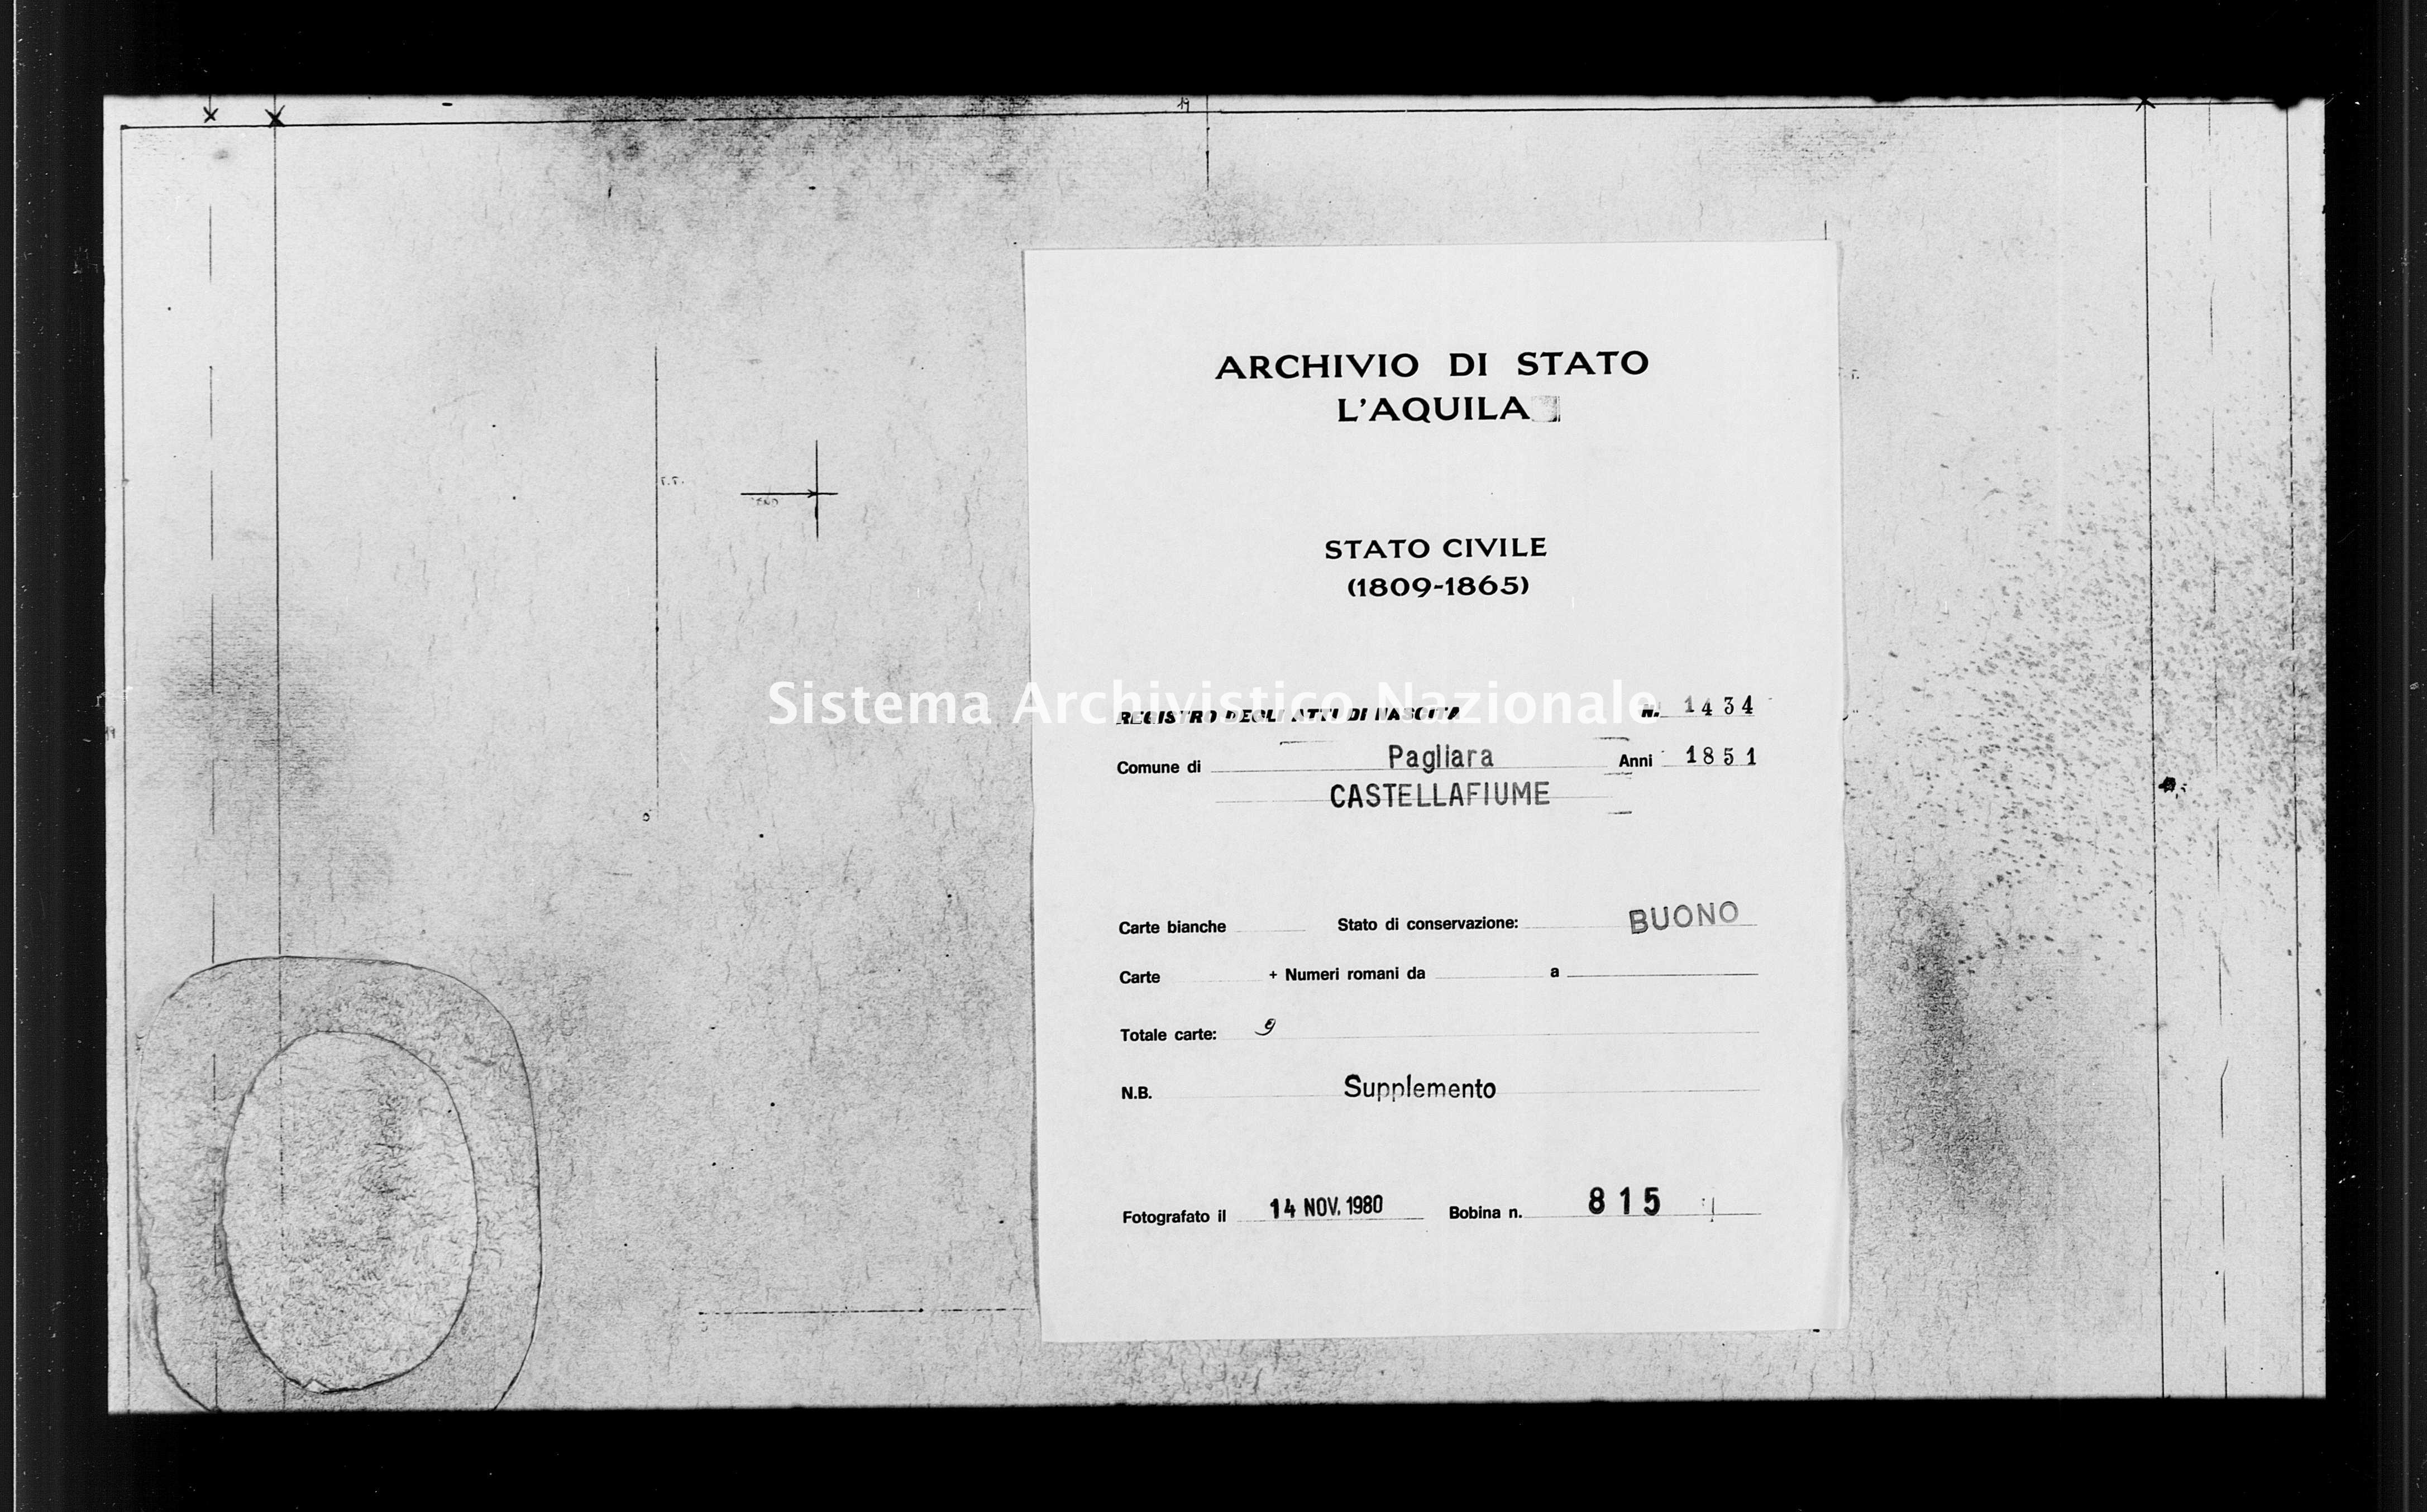 Archivio di stato di L'aquila - Stato civile della restaurazione - Pagliara - Nati, battesimi - 1851 - 1434 -